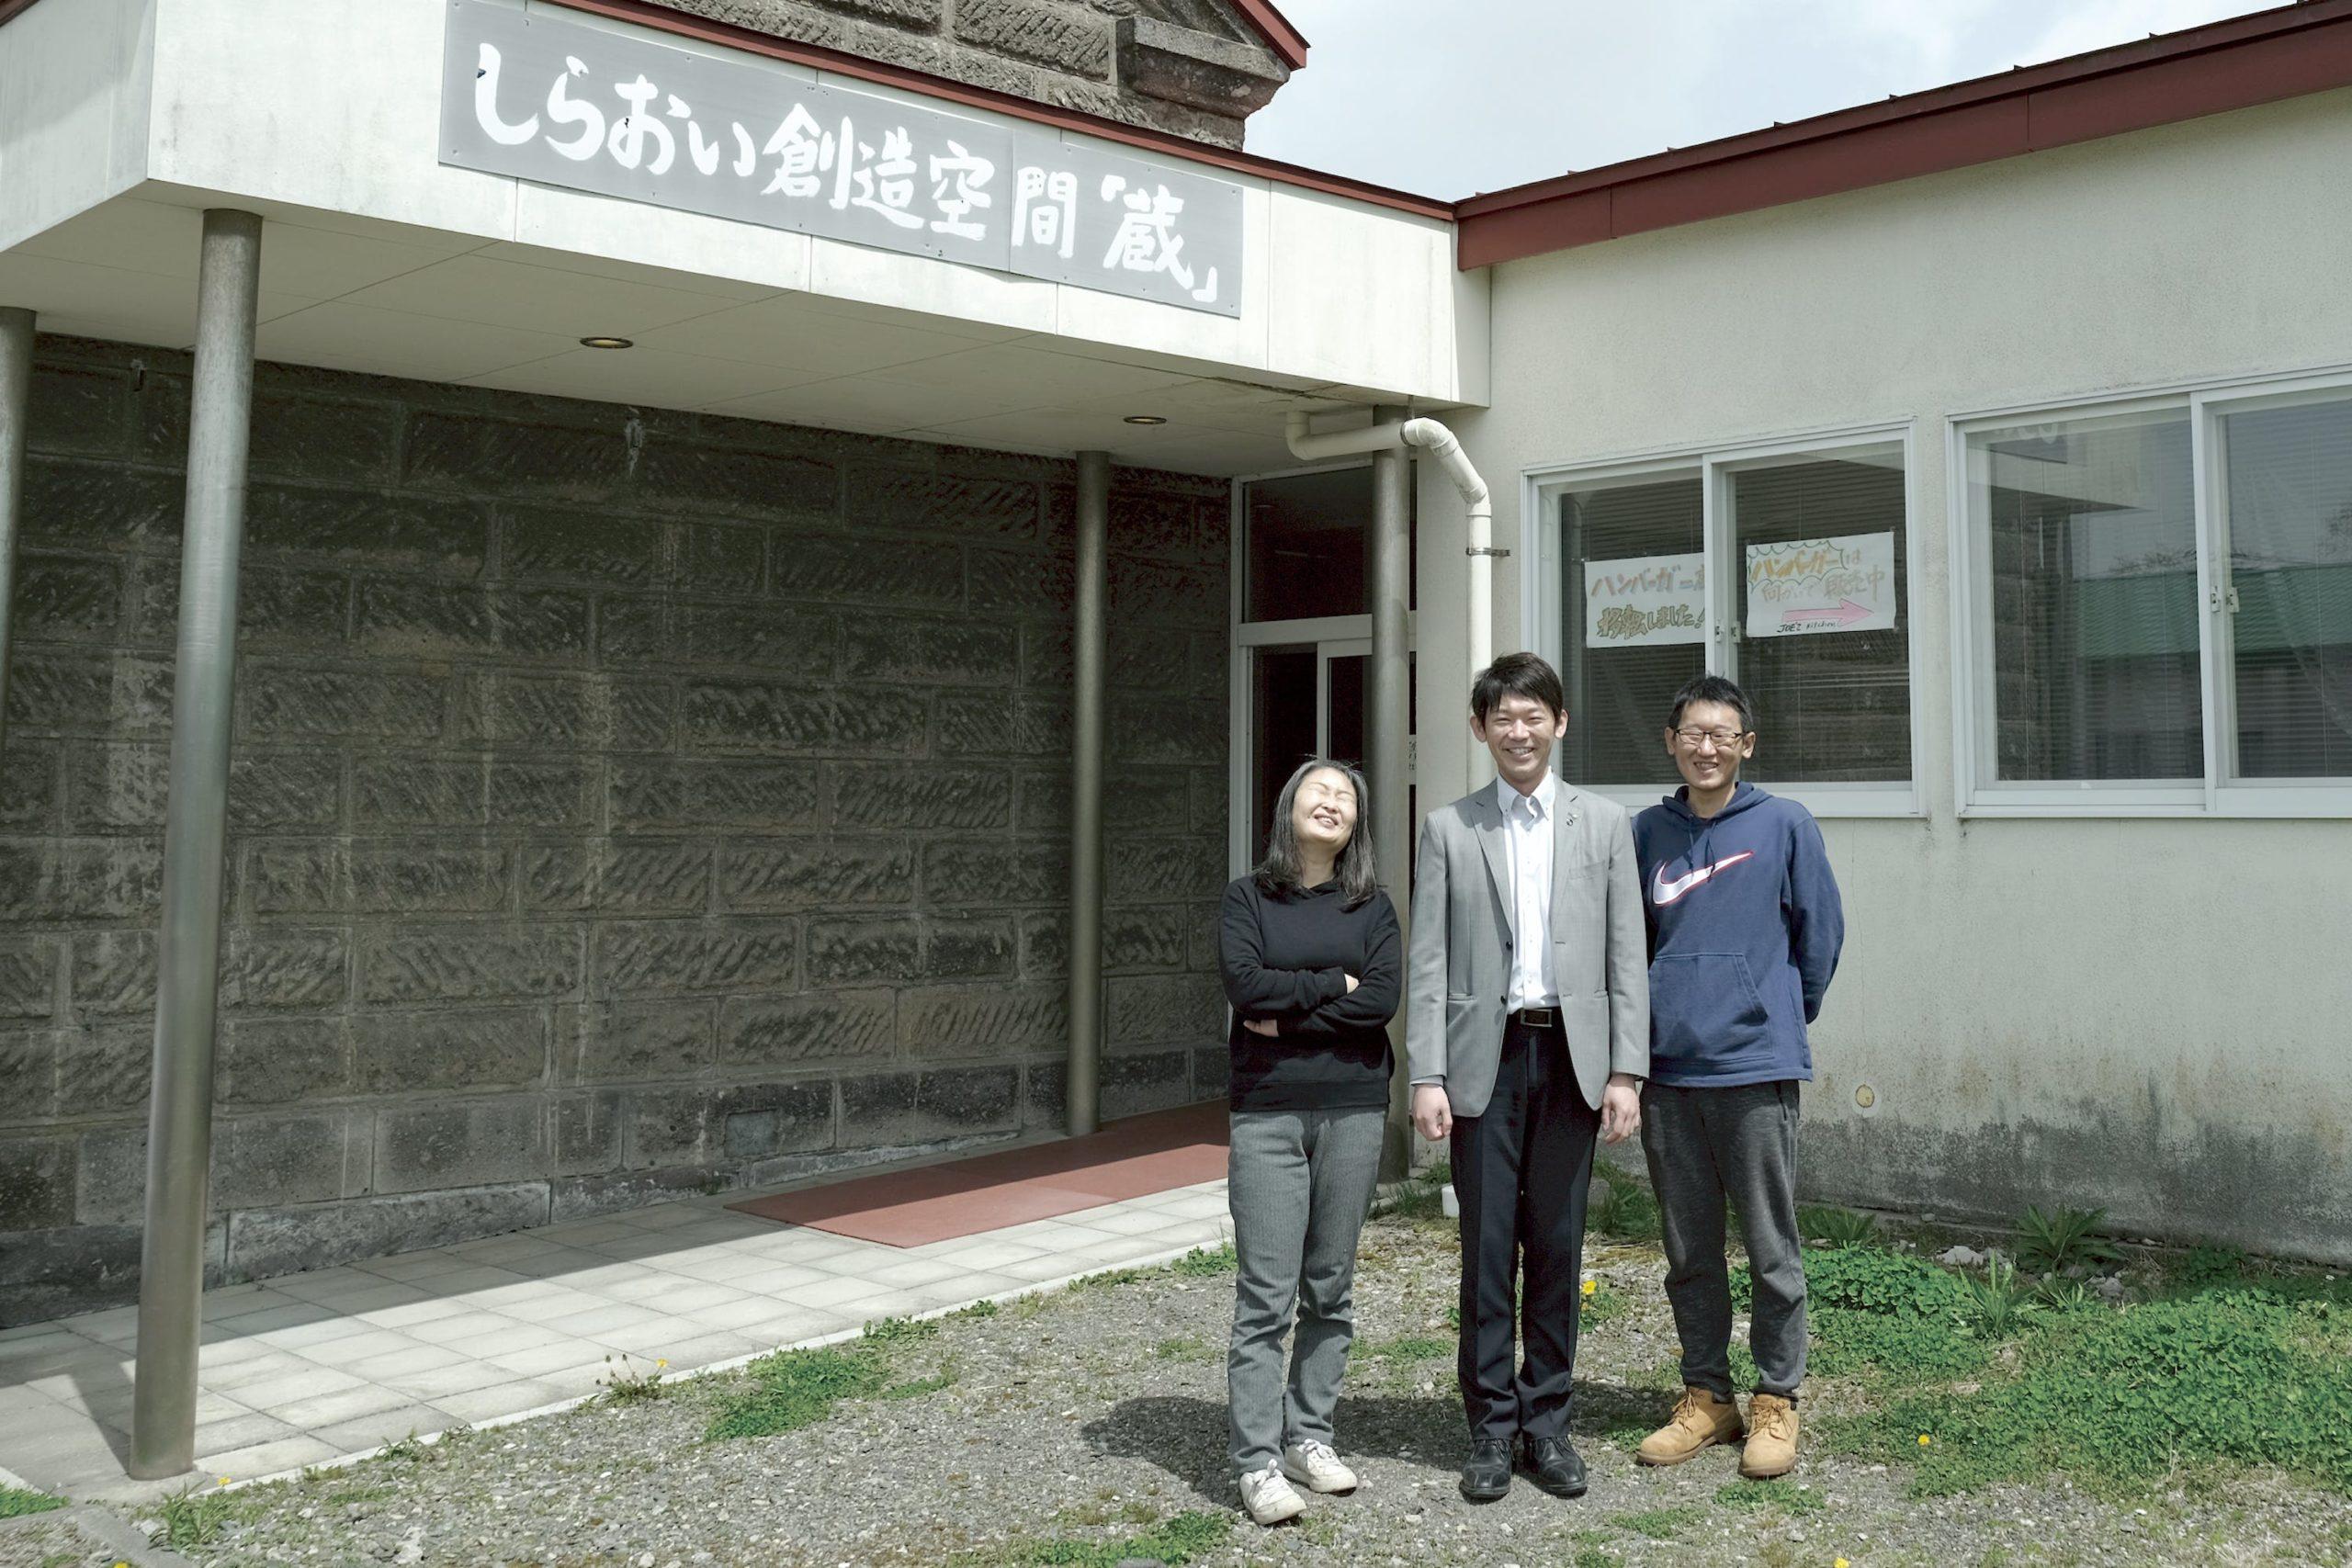 大正時代から続く、北海道のしらおい創造空間「蔵」老朽化とコロナ禍で存続の危機に。_2